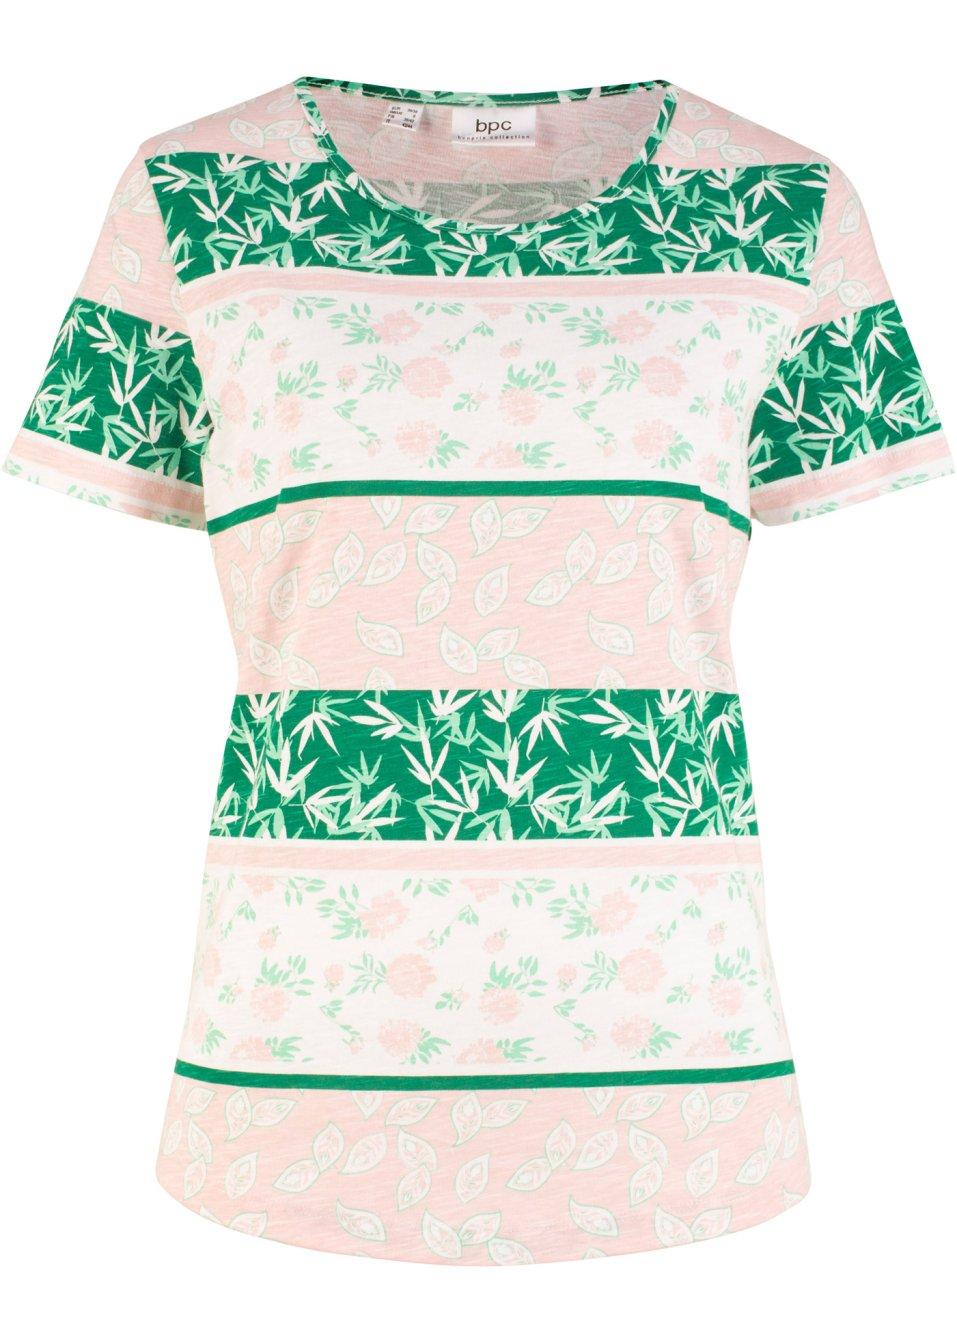 Lässiges Shirt aus Baumwolle und mit abgerundetem Saum - minzegrün geblümt S8Gxa bE2kB